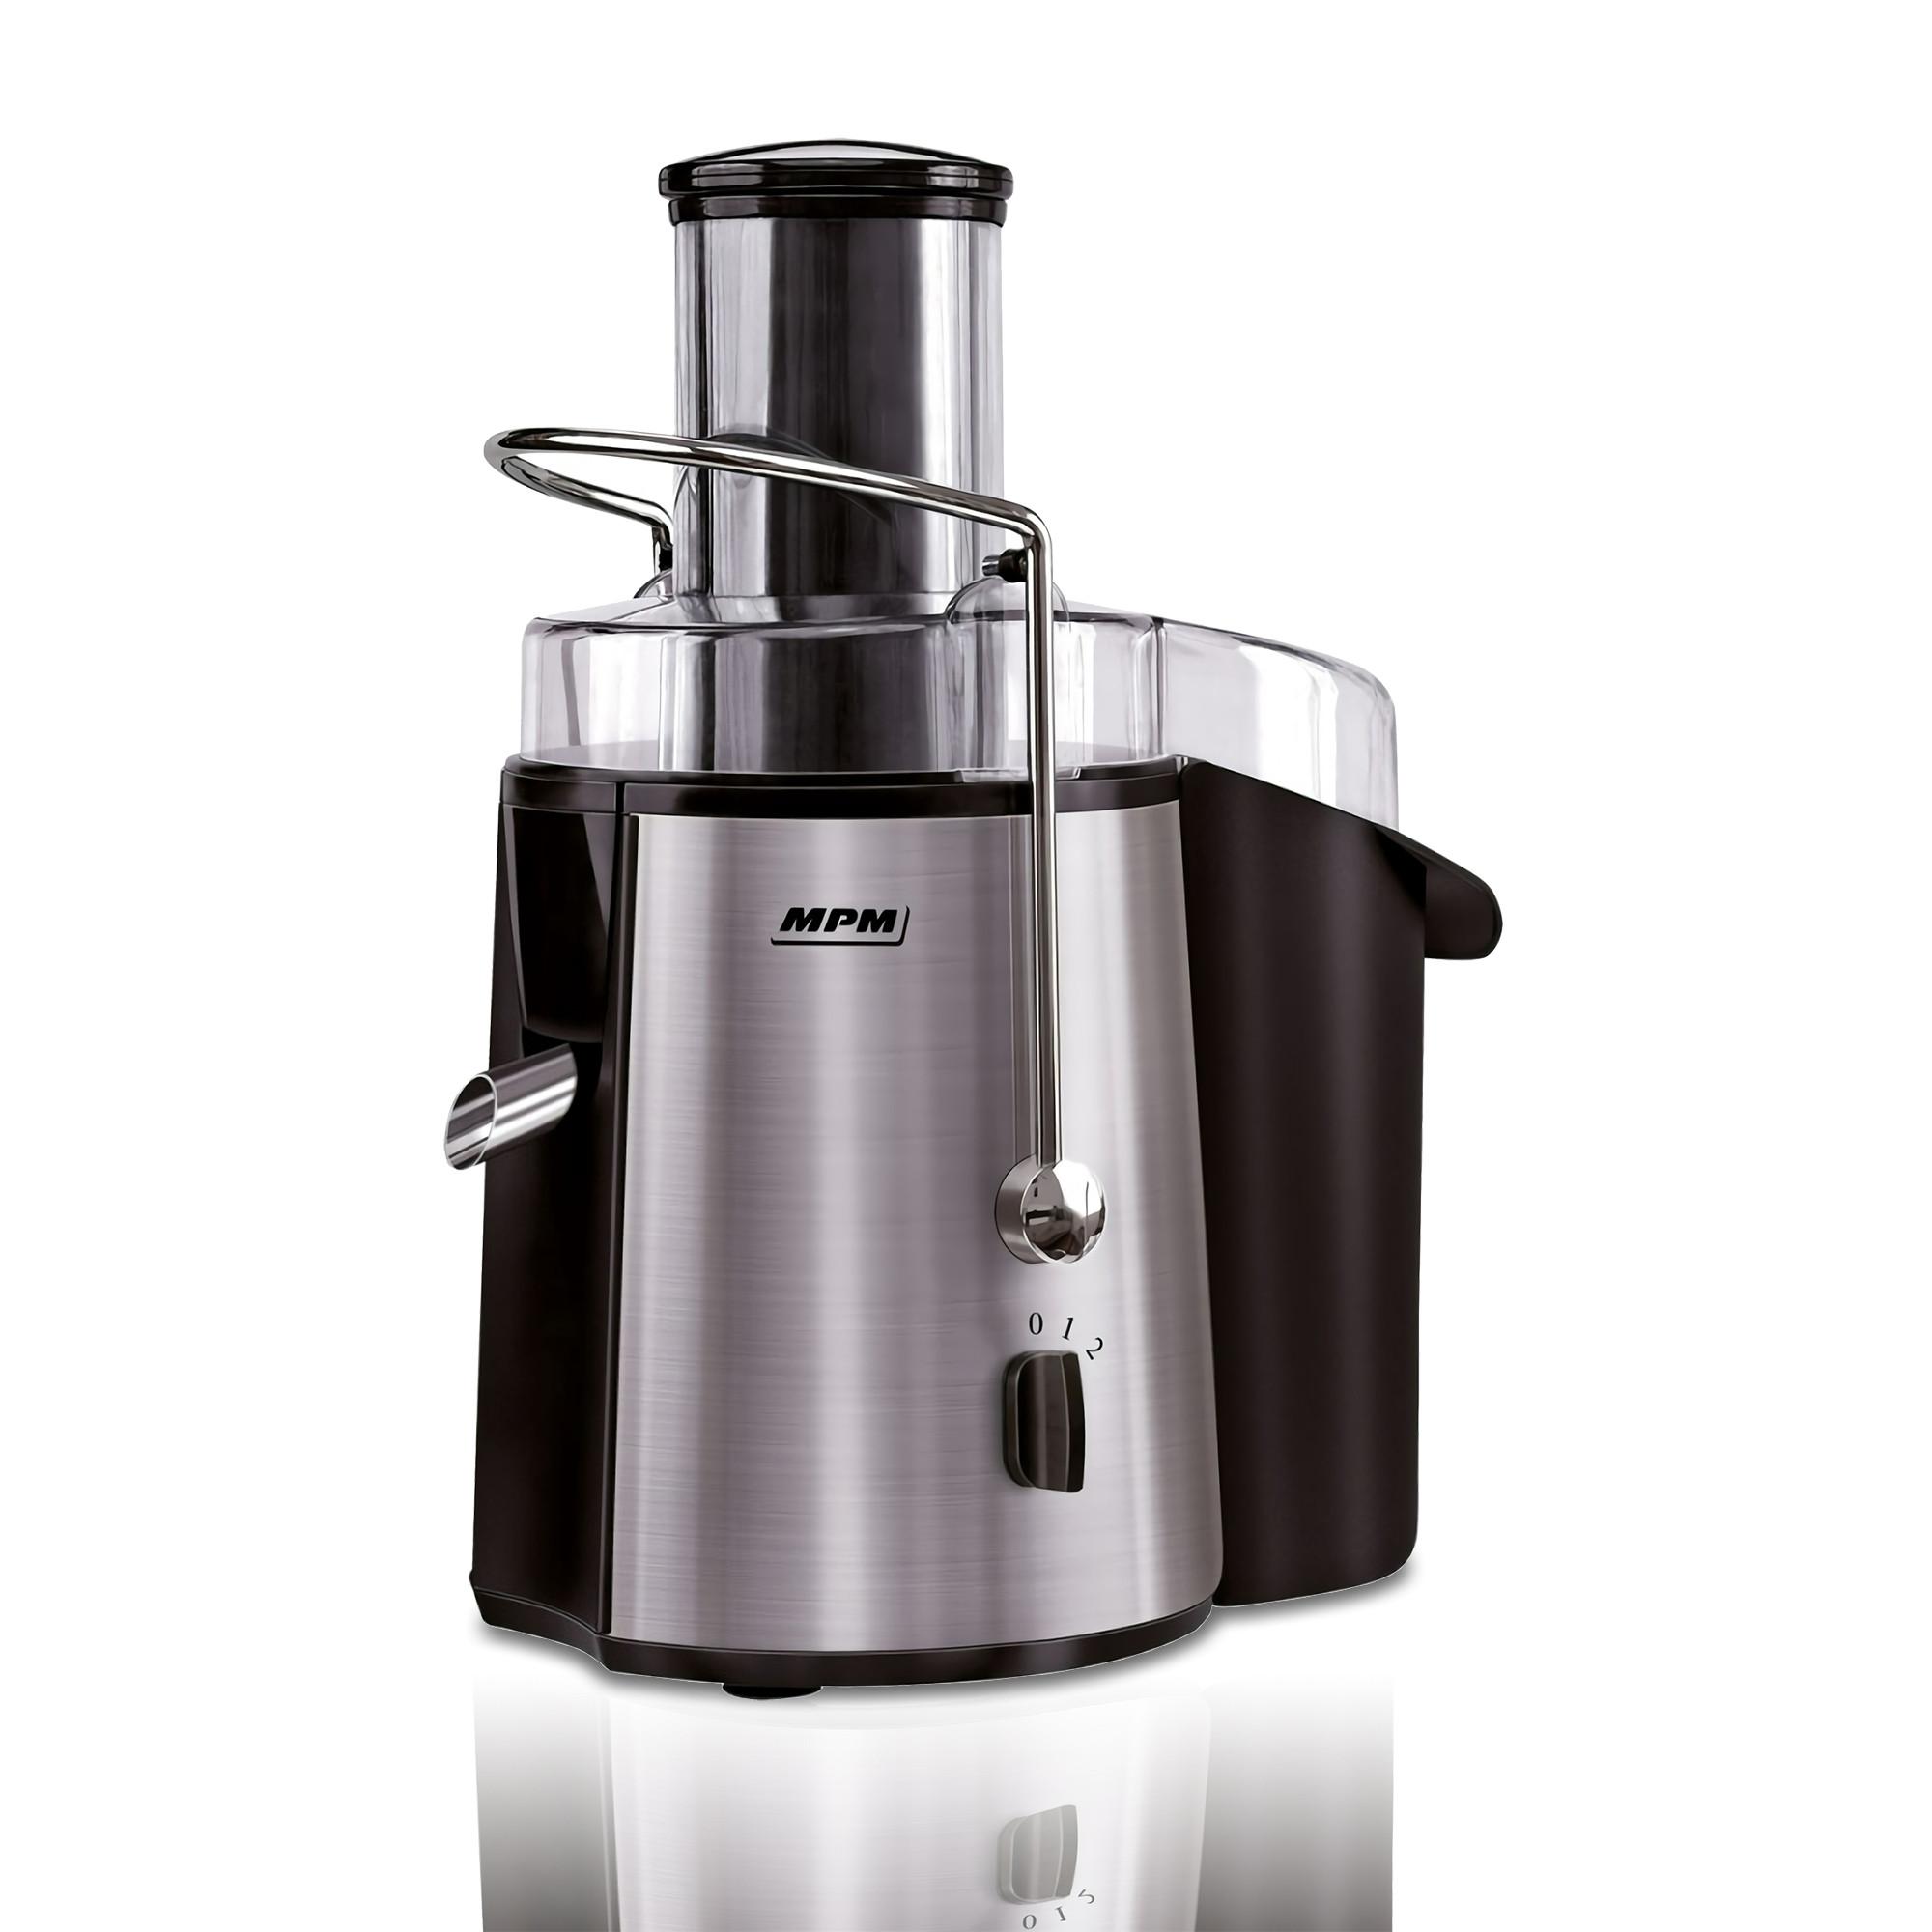 MPM MSO-06M Licuadora para Frutas y verduras de Acero Inoxidable, 1 Litro por Minuto, 2 Velocidades, sistema de seguridad, 1000W